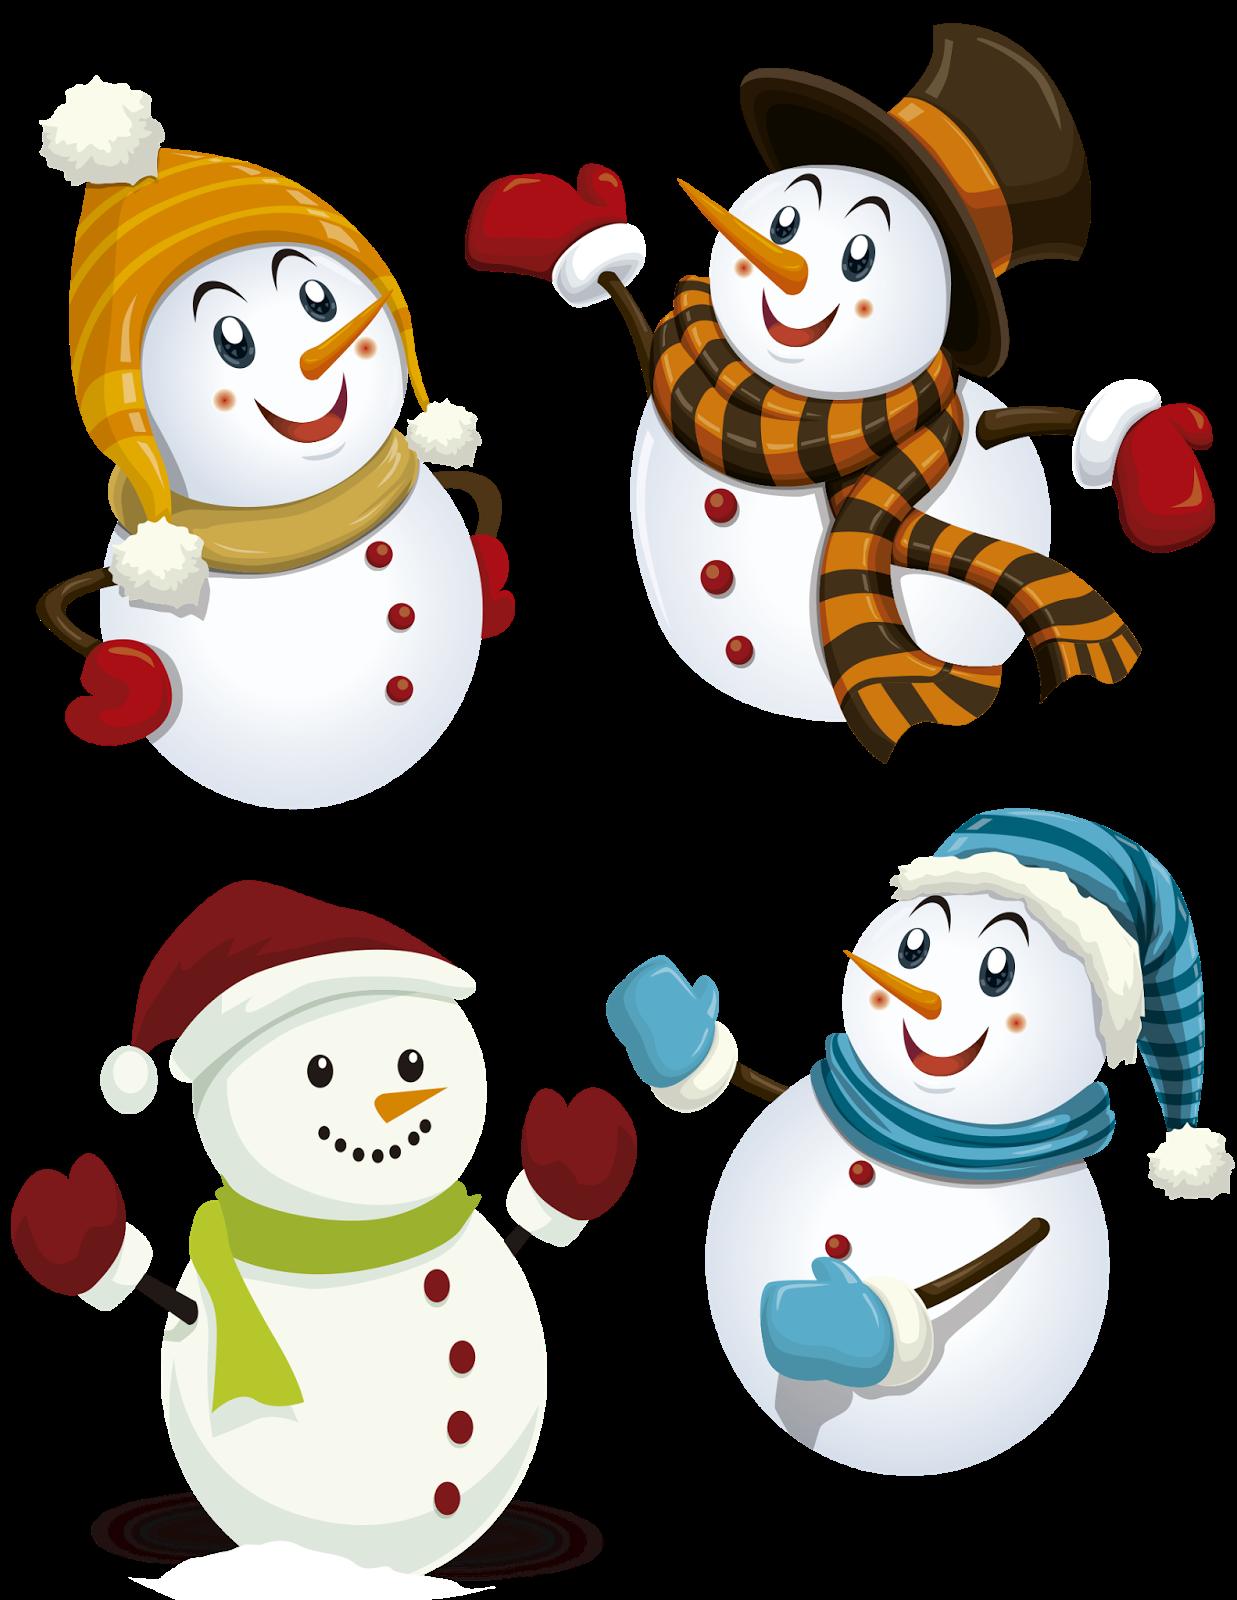 Cosas en PNG: Muñecos de nieve en png